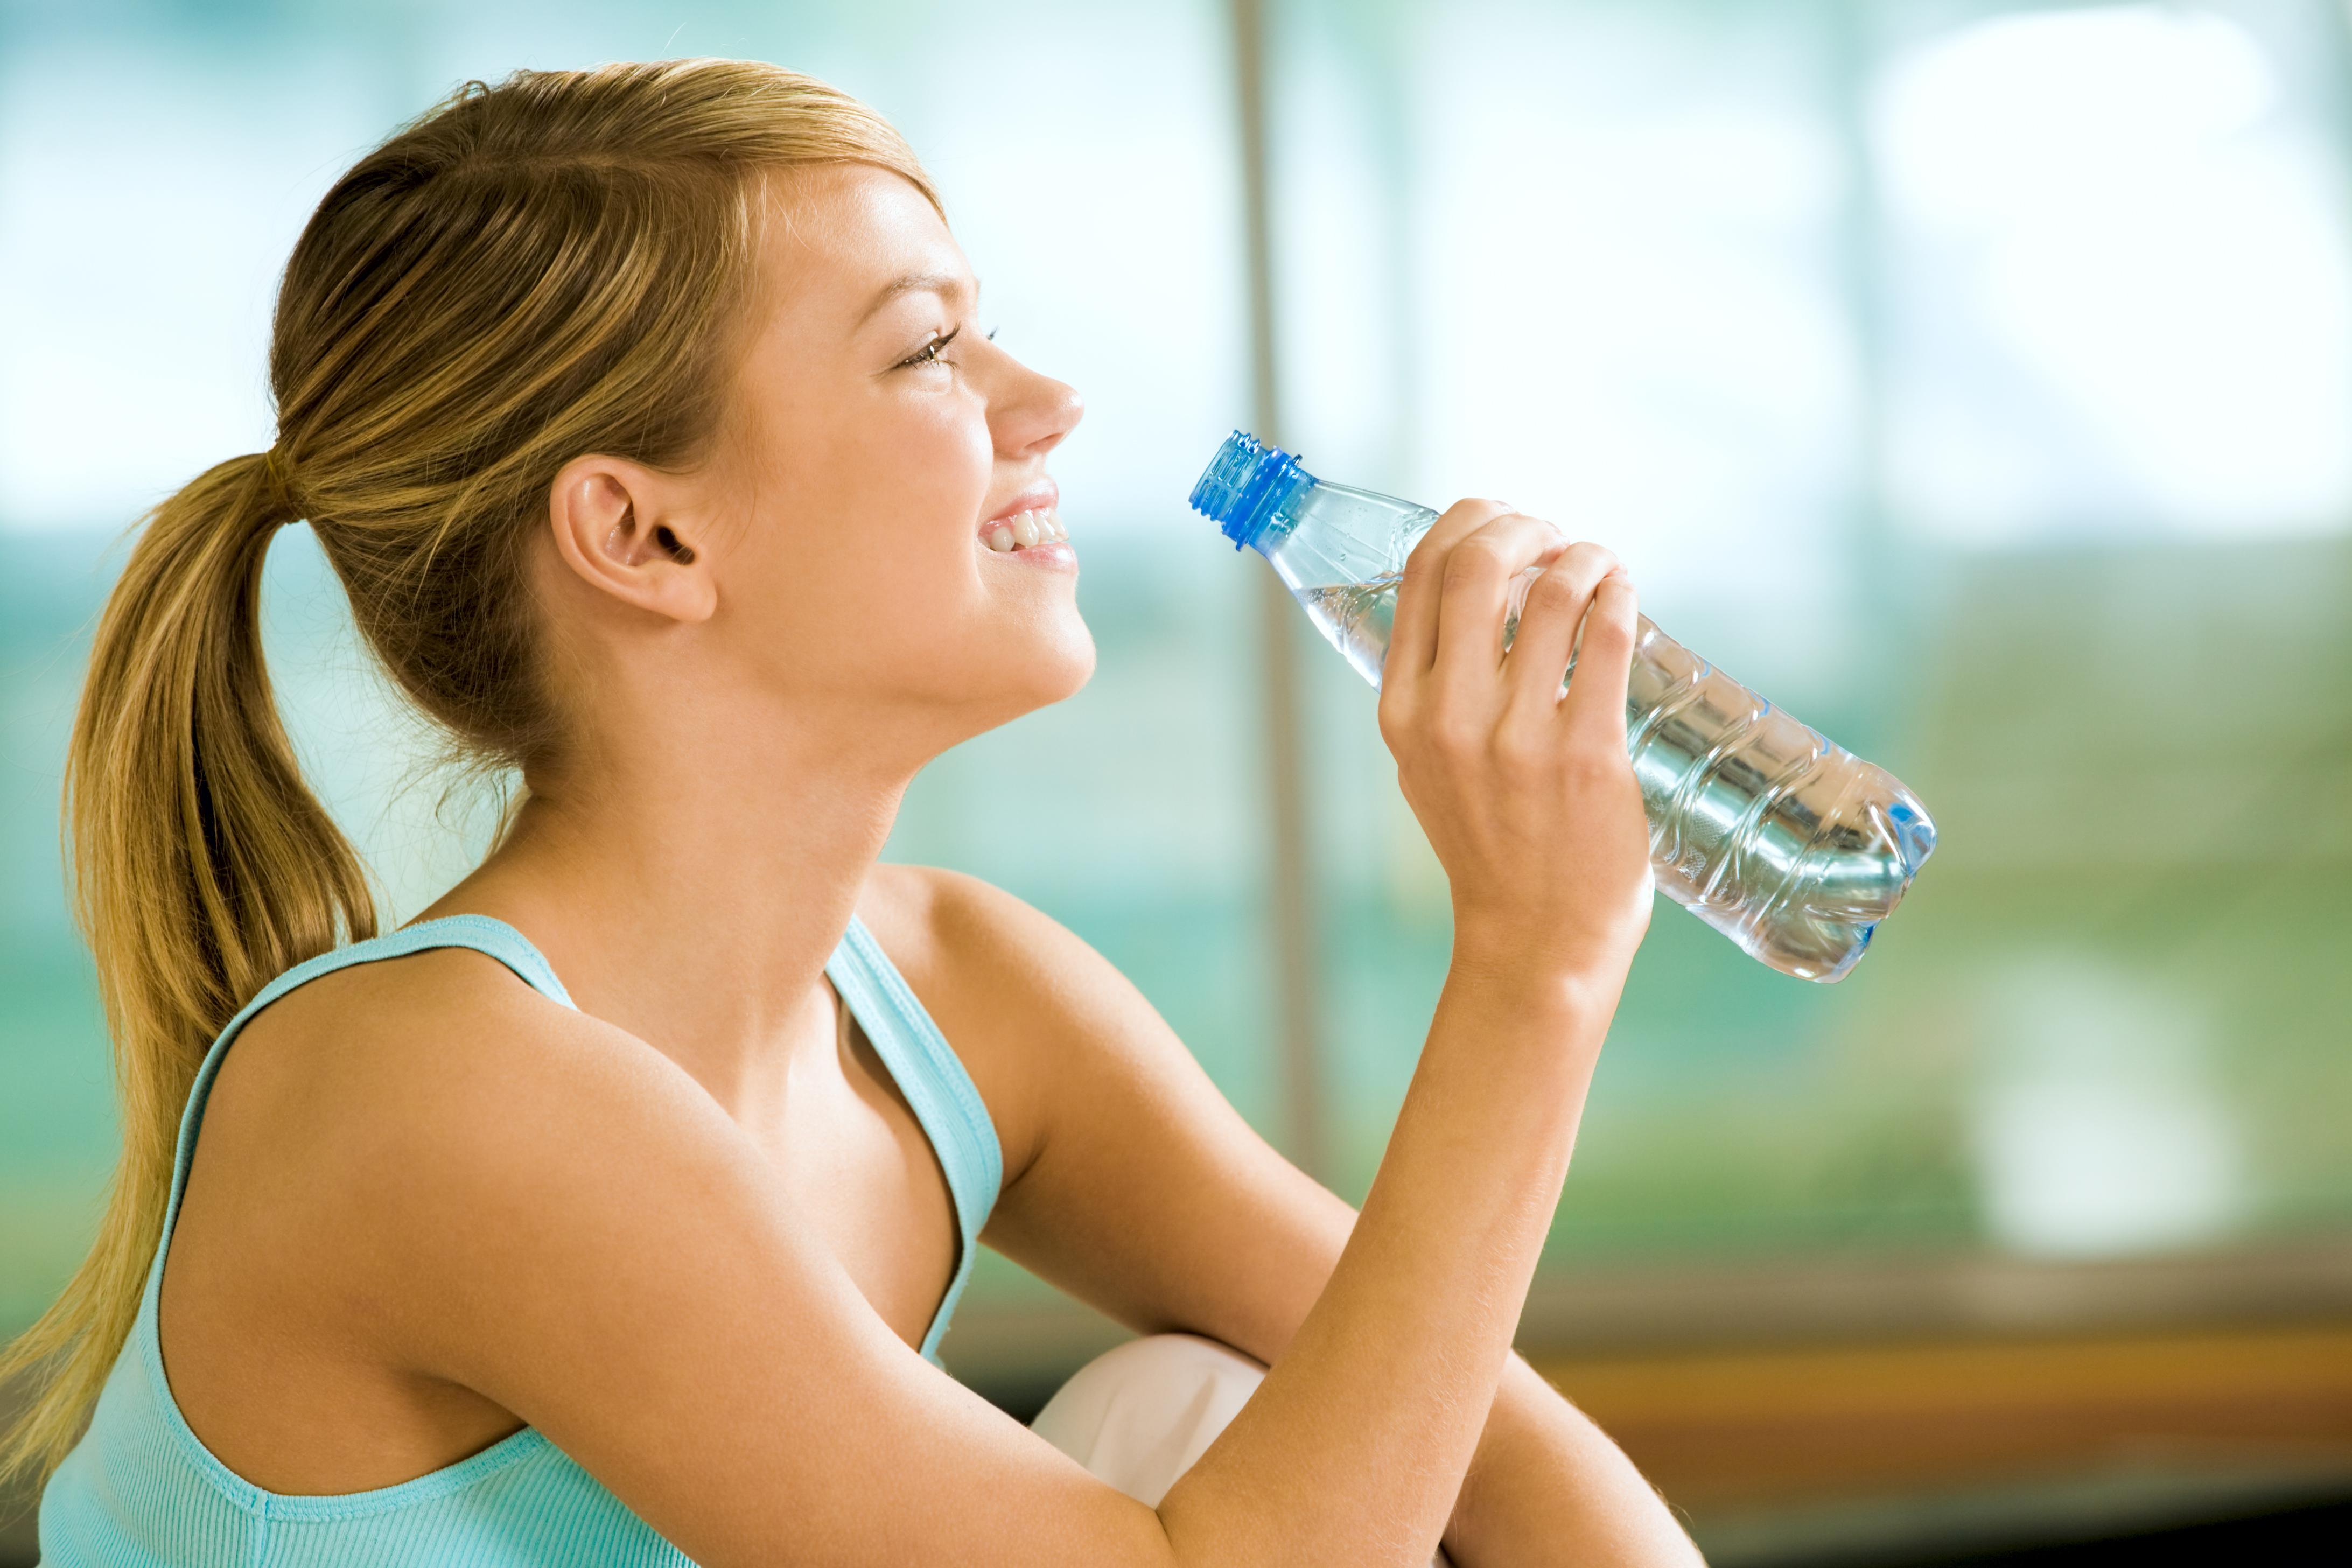 Bir bardak kuralı su içme alışkanlığı kazandırıyor #2